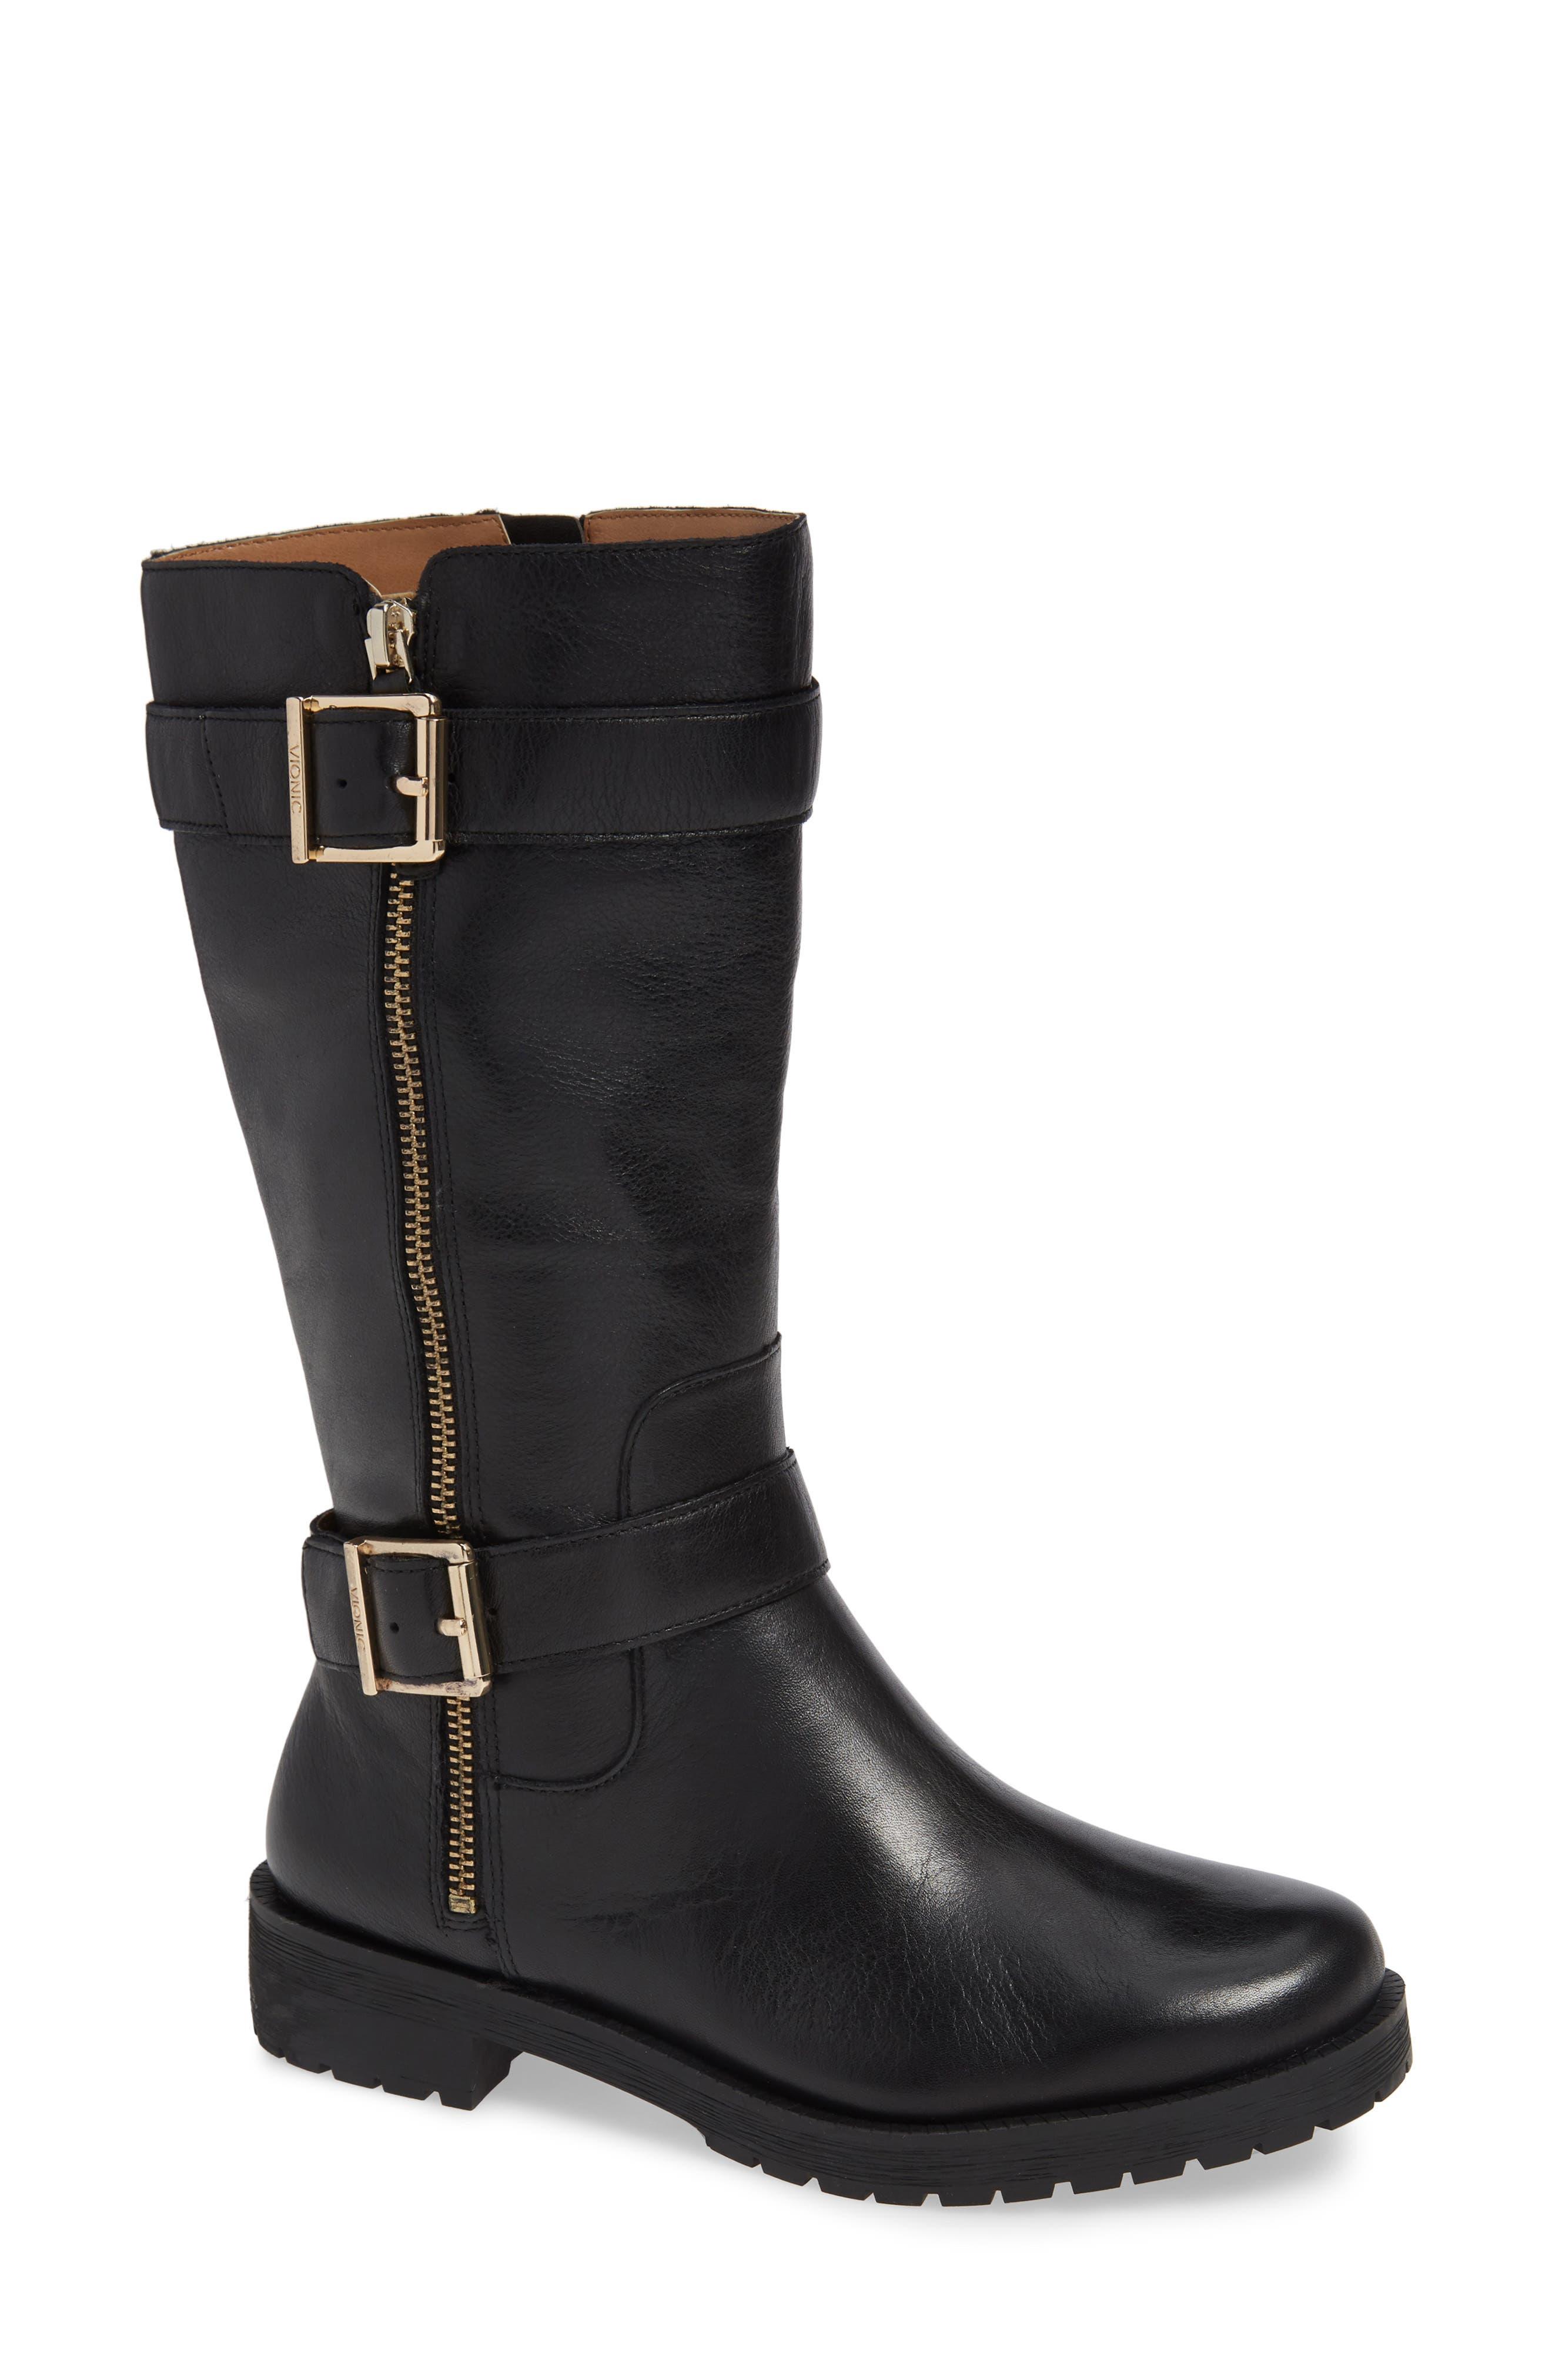 1746c88da6f Women s Vionic Boots